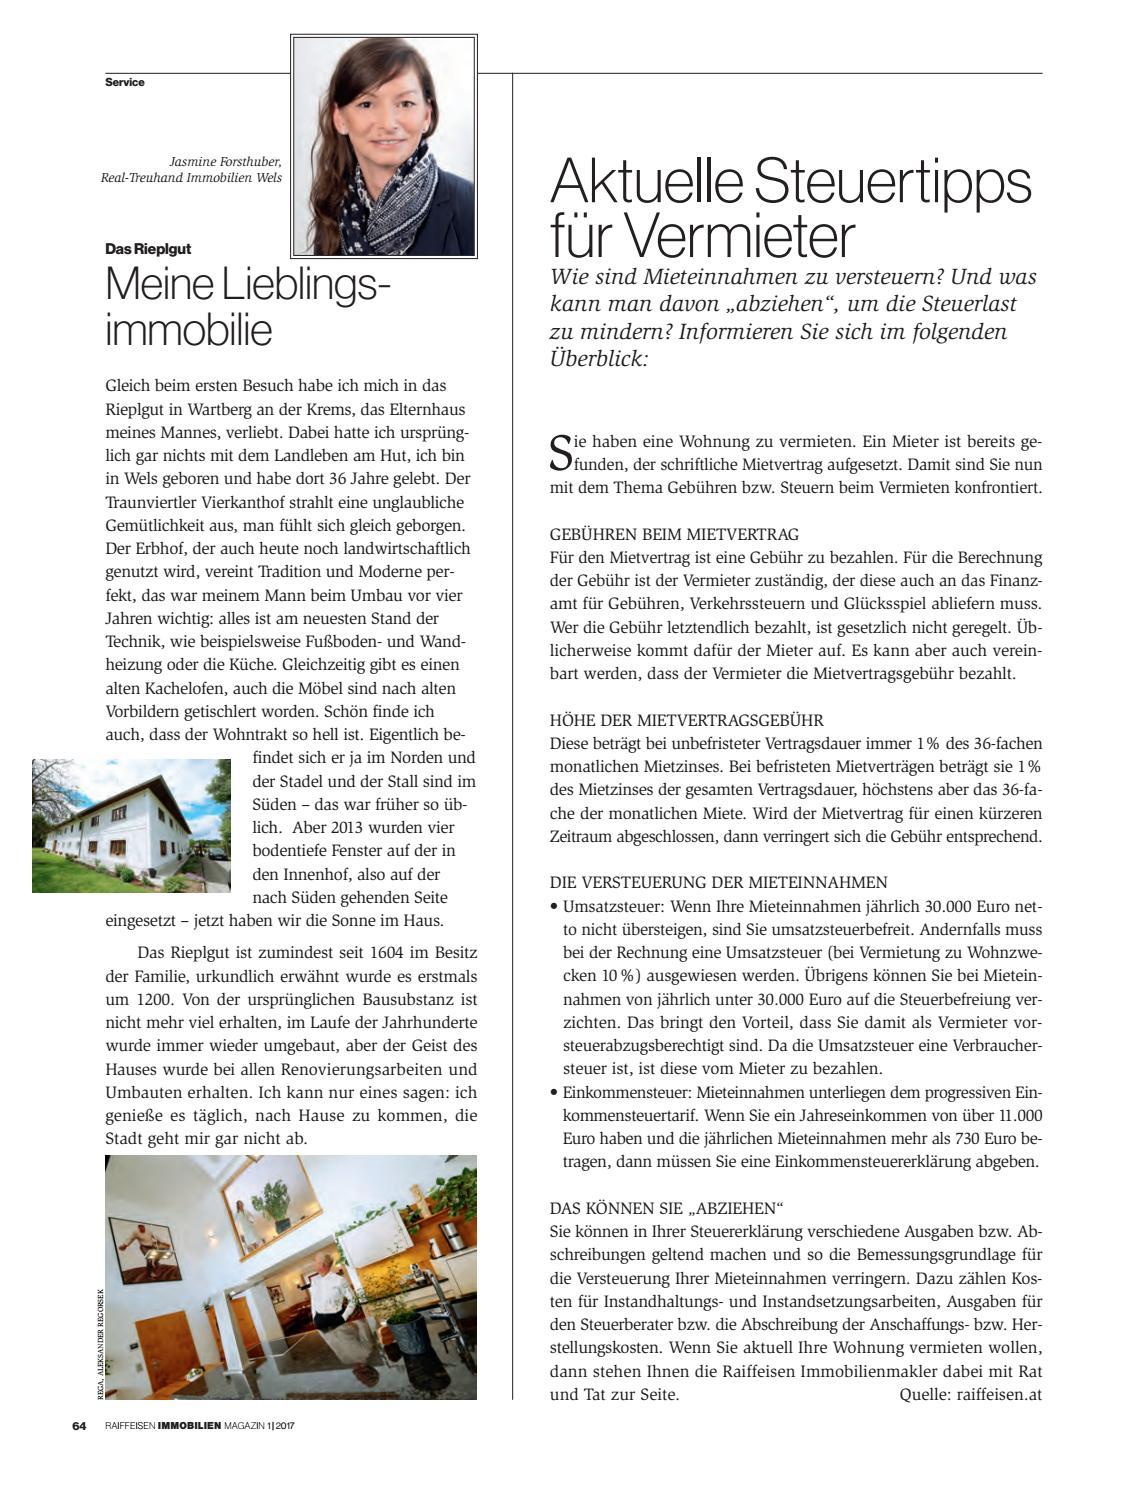 Raiffeisen Immobilien Magazin By Raiffeisen Oberoesterreich Issuu